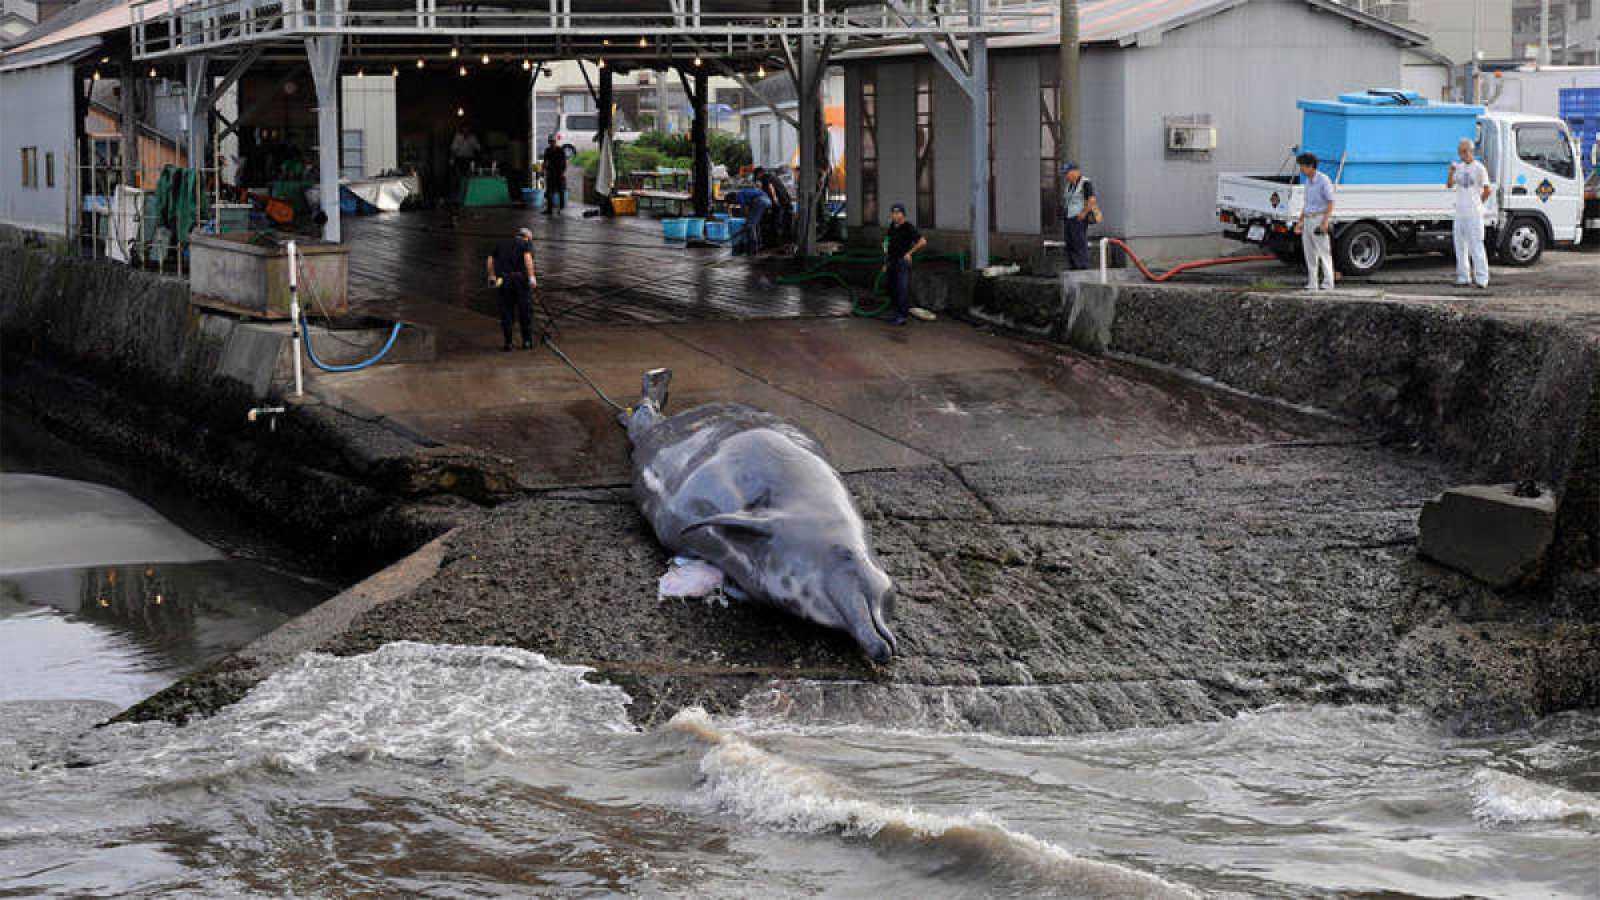 Japón ha anunciado este miércoles que ha decidido retirarse de la Comisión Ballenera Internacional (CBI), un organismo creado hace siete décadas para garantizar la preservación de esos cetáceos y evitar su caza indiscriminada, y ha comunicado que rea